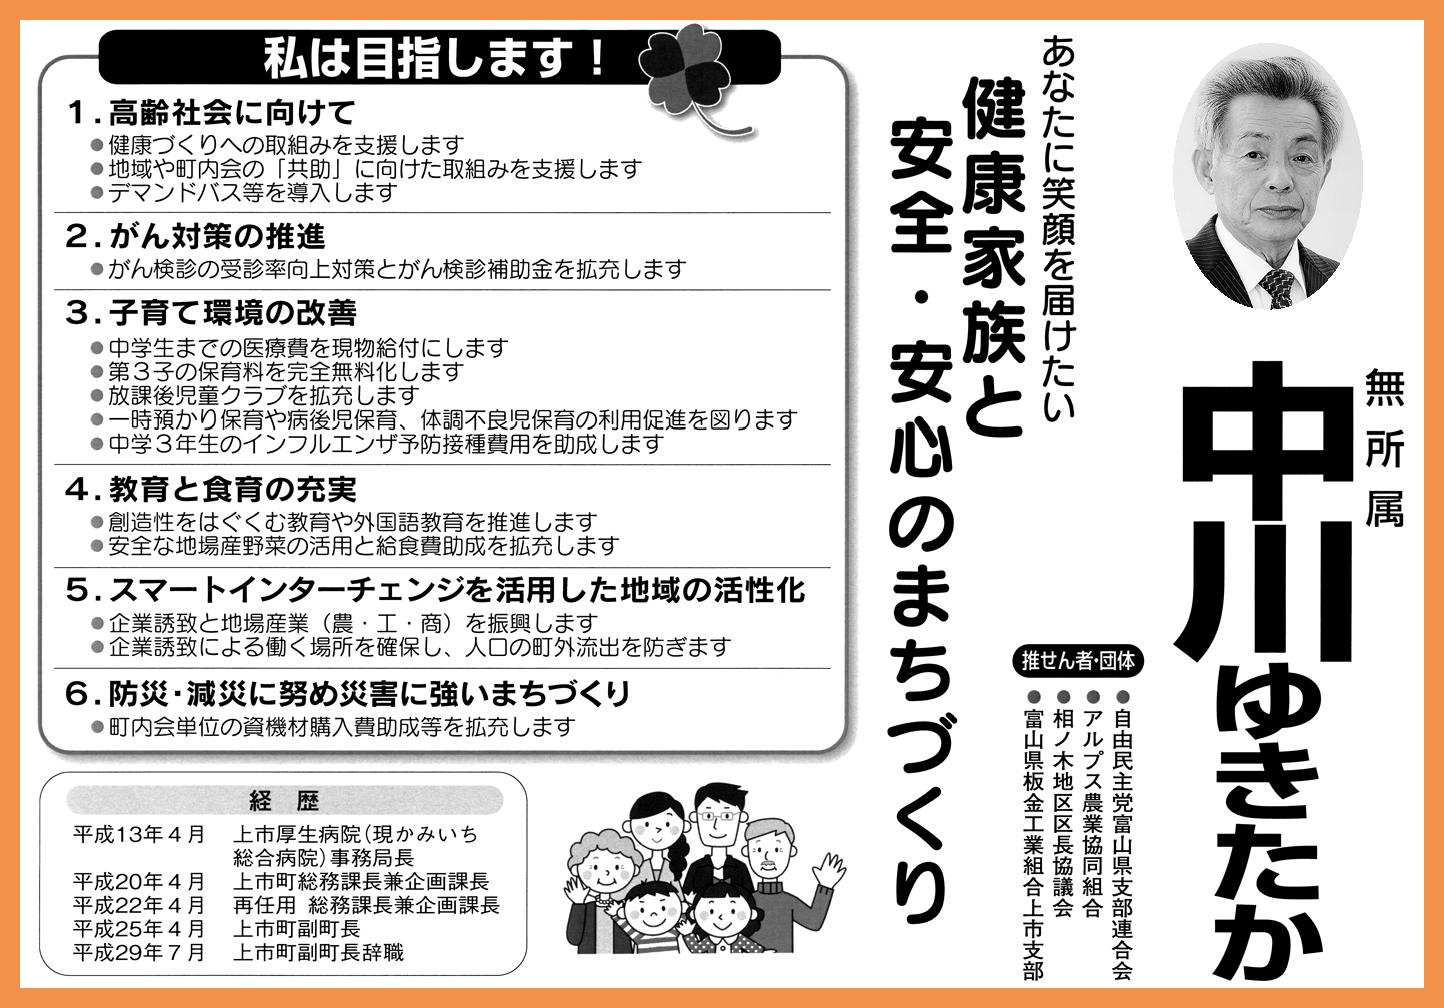 上市町長選挙2017当選した中川行孝氏の選挙公報